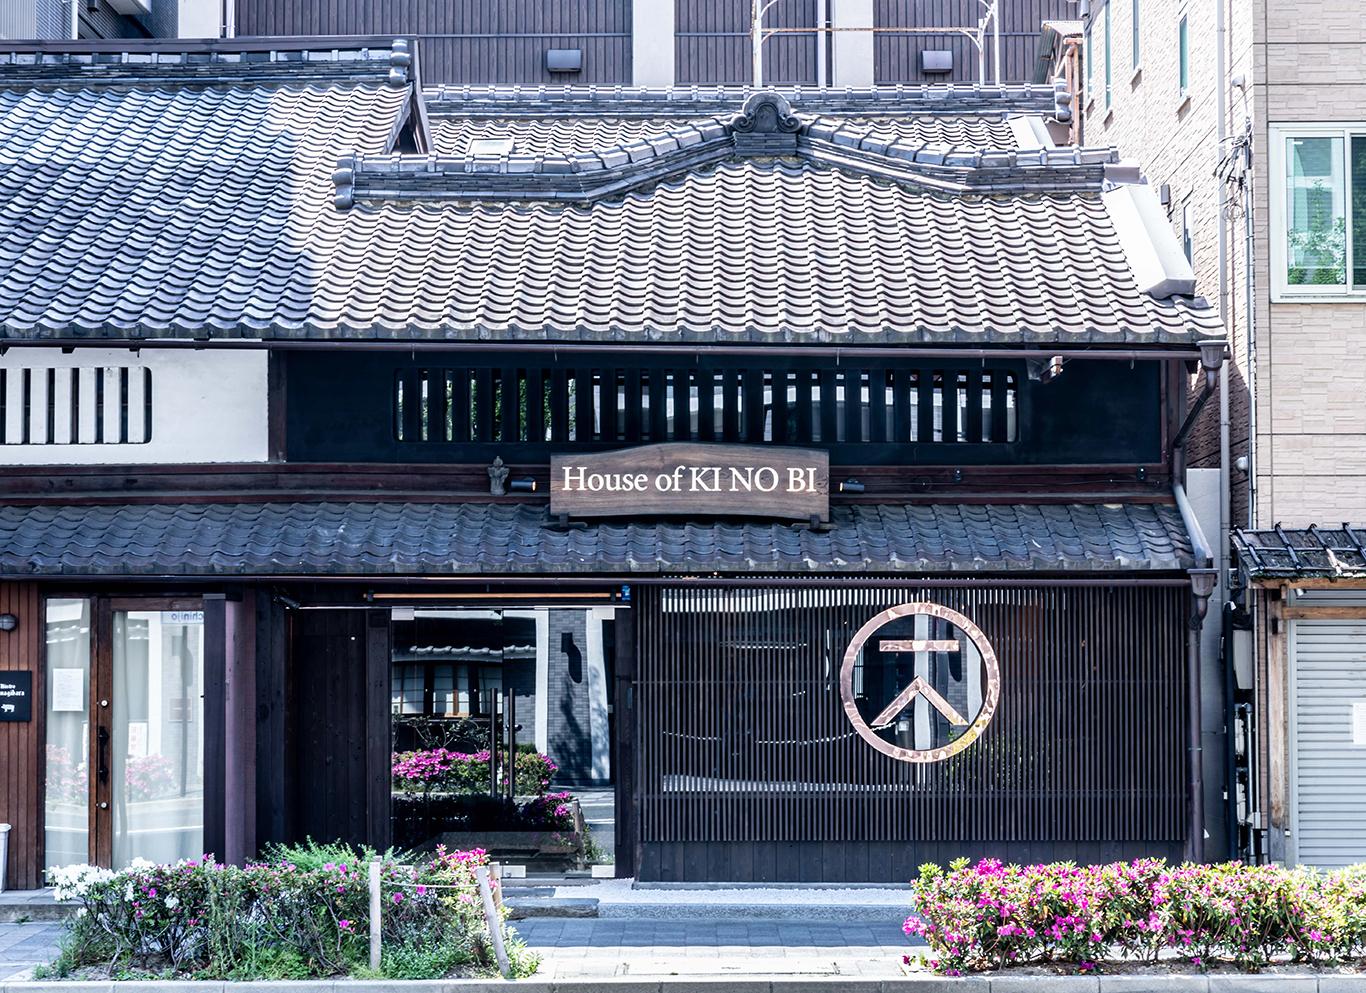 House of Ki No Bi in Kyoto